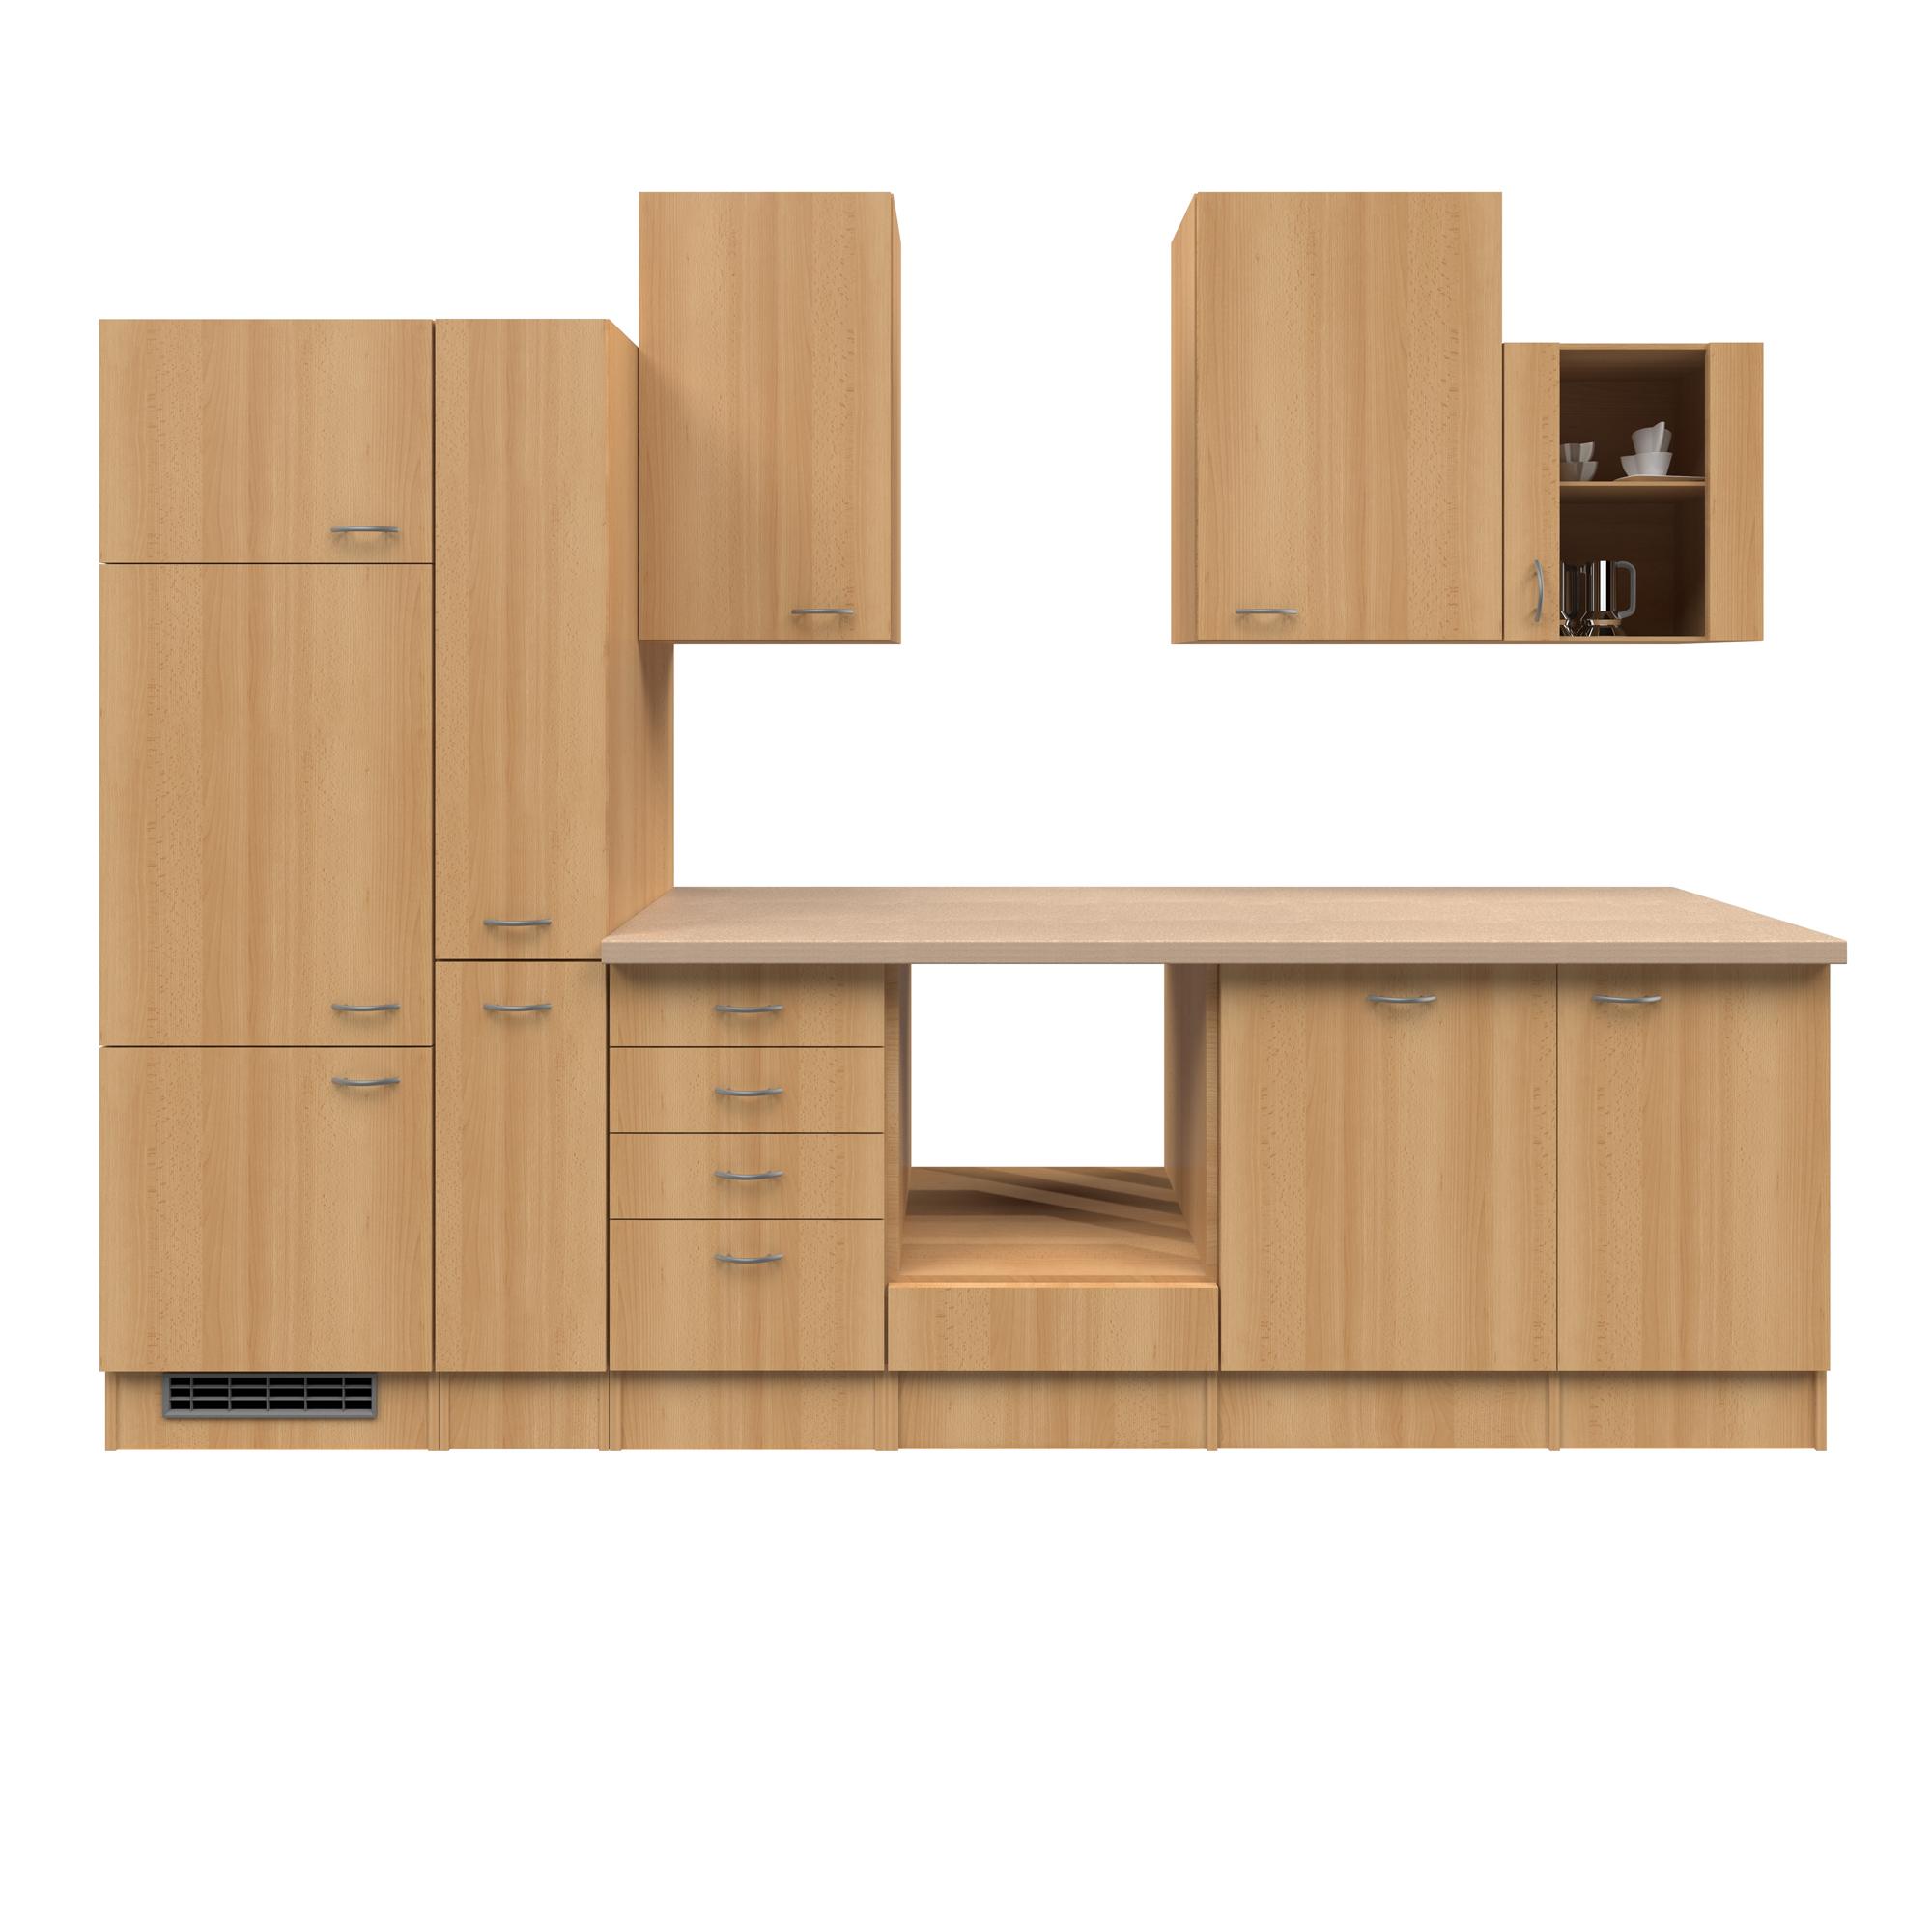 k chenzeile nano k chen leerblock mit glash ngeschrank breite 310 cm buche k che k chenzeilen. Black Bedroom Furniture Sets. Home Design Ideas